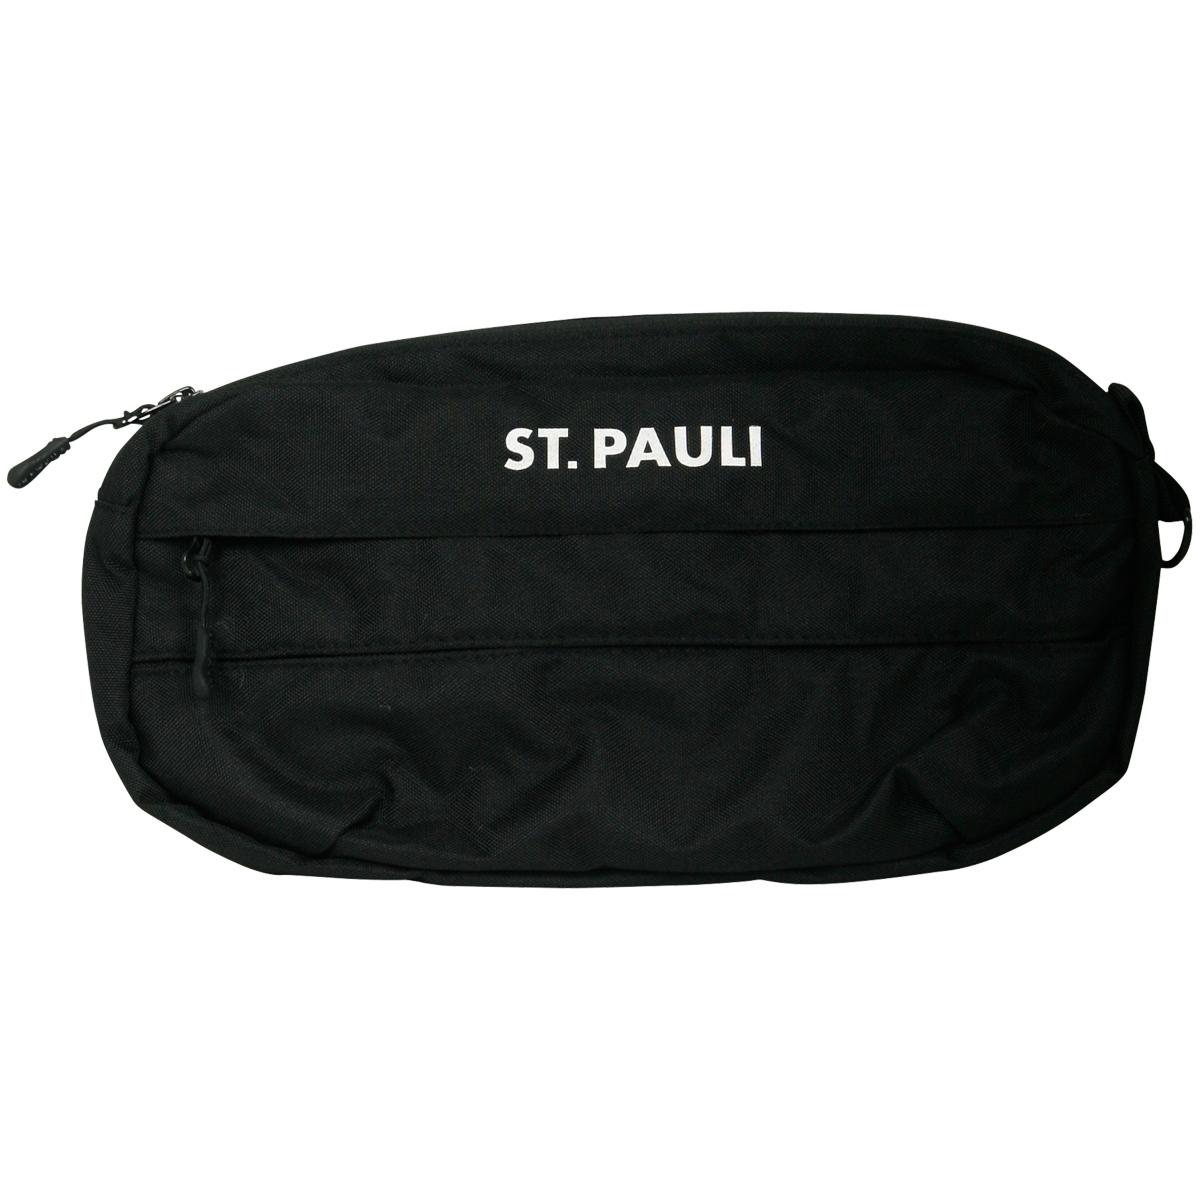 beliebte Marke neuer Stil beste Qualität FC St. Pauli - Bauchtasche ST. PAULI Mittel - schwarz